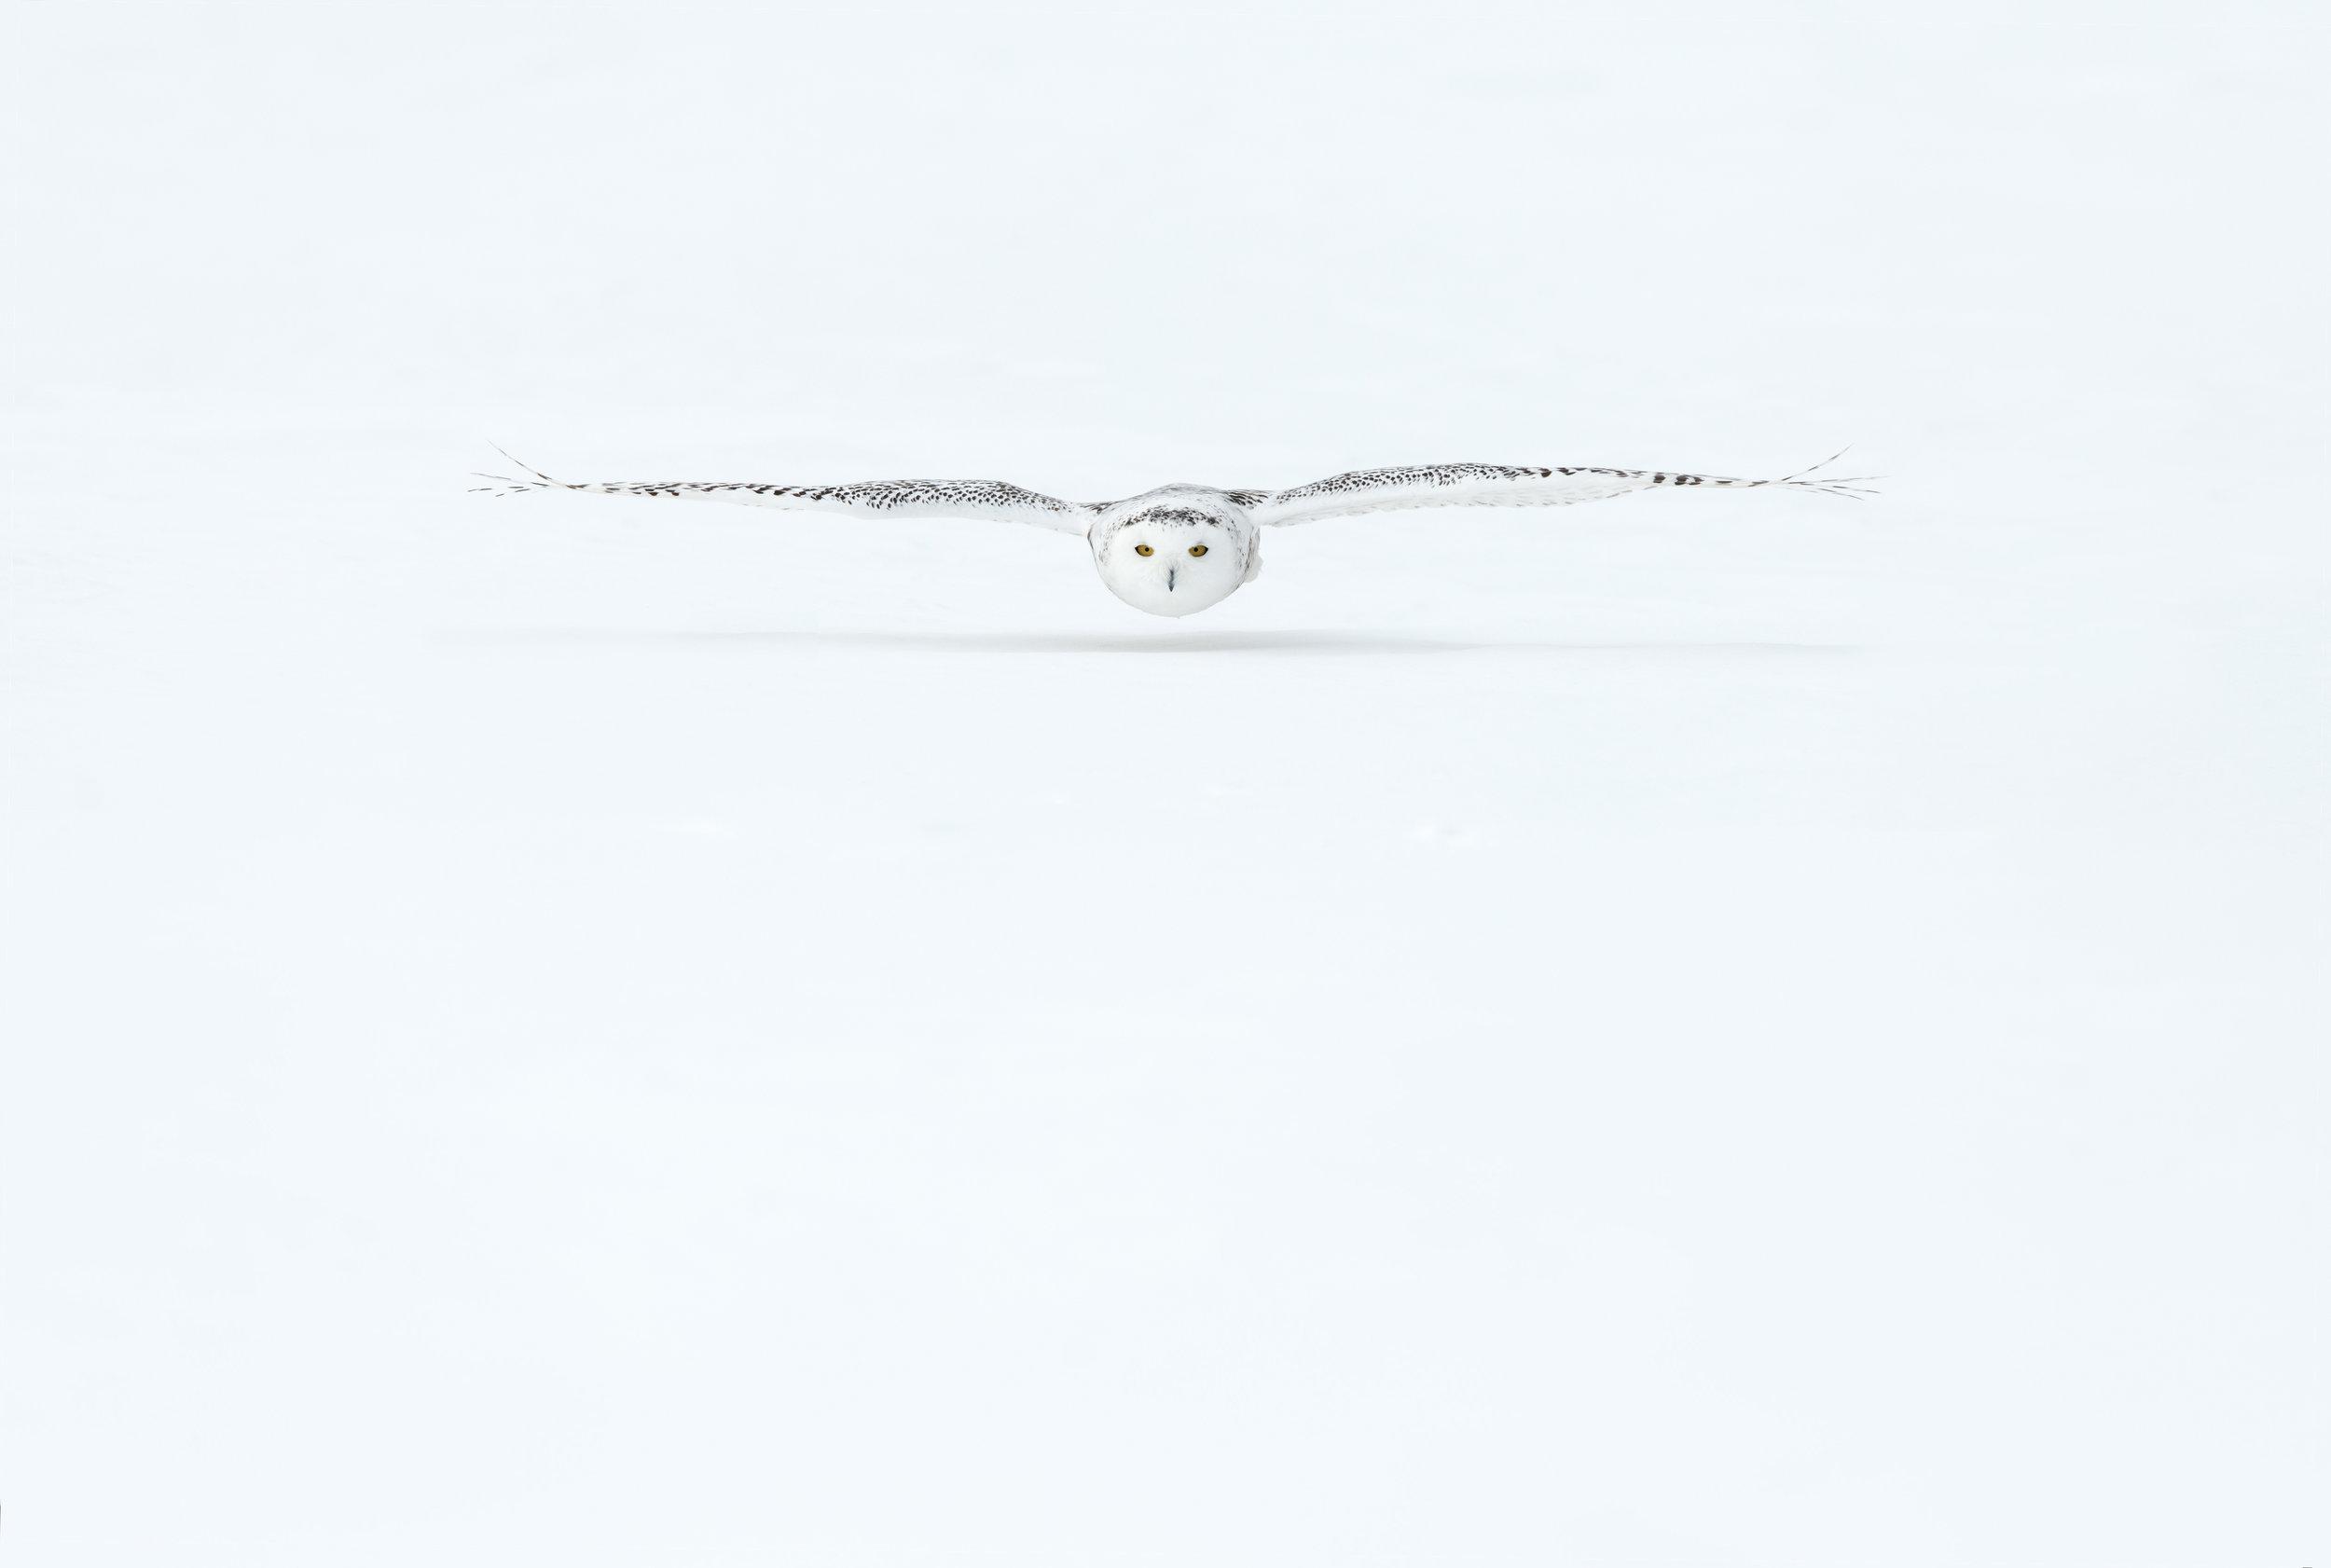 snowy_owl_002_2835b.jpg